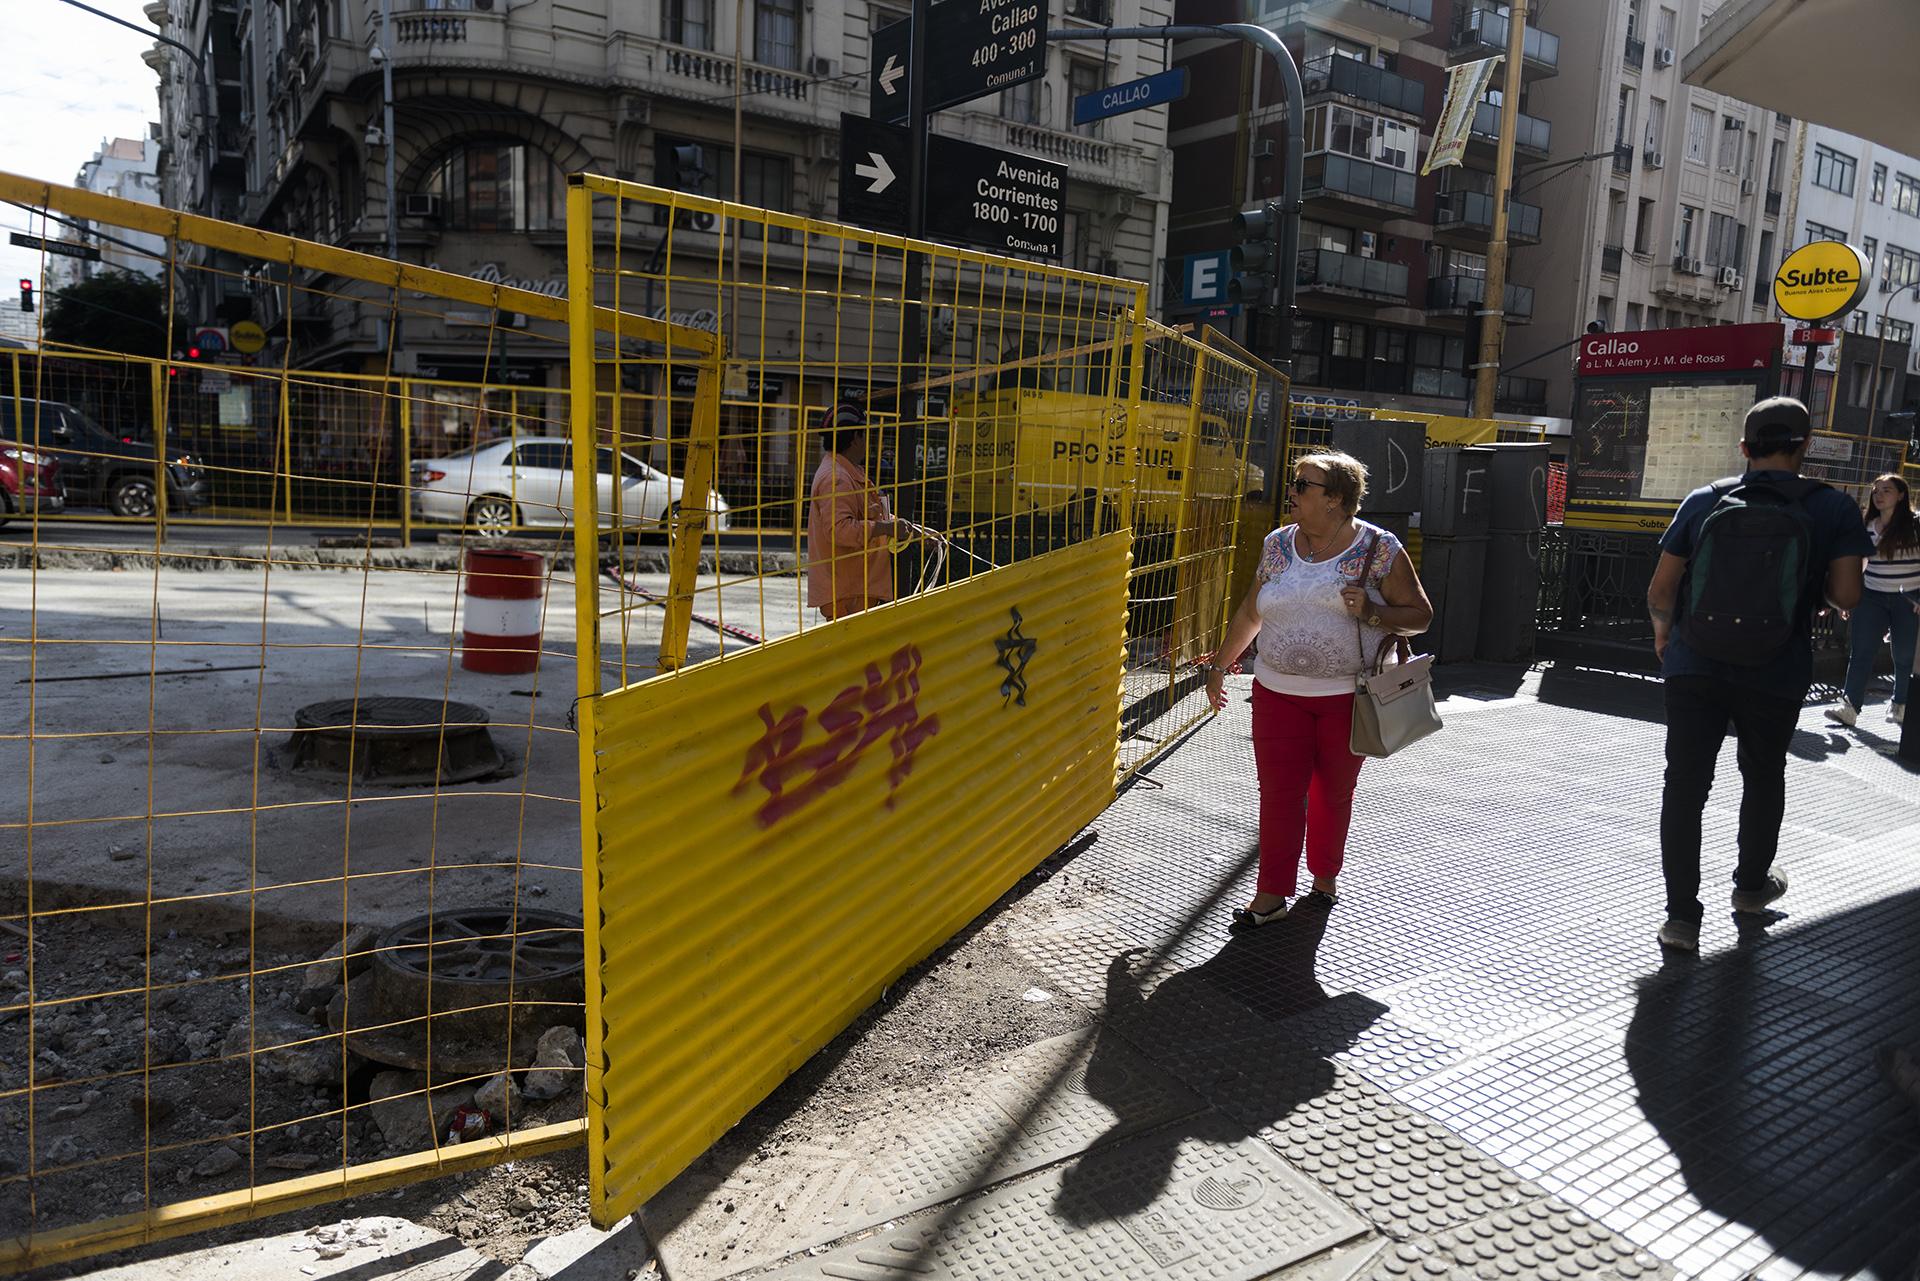 Durante la franja horaria que rija la restricción, habrá dos carriles para peatones y otros dos para colectivos y taxis